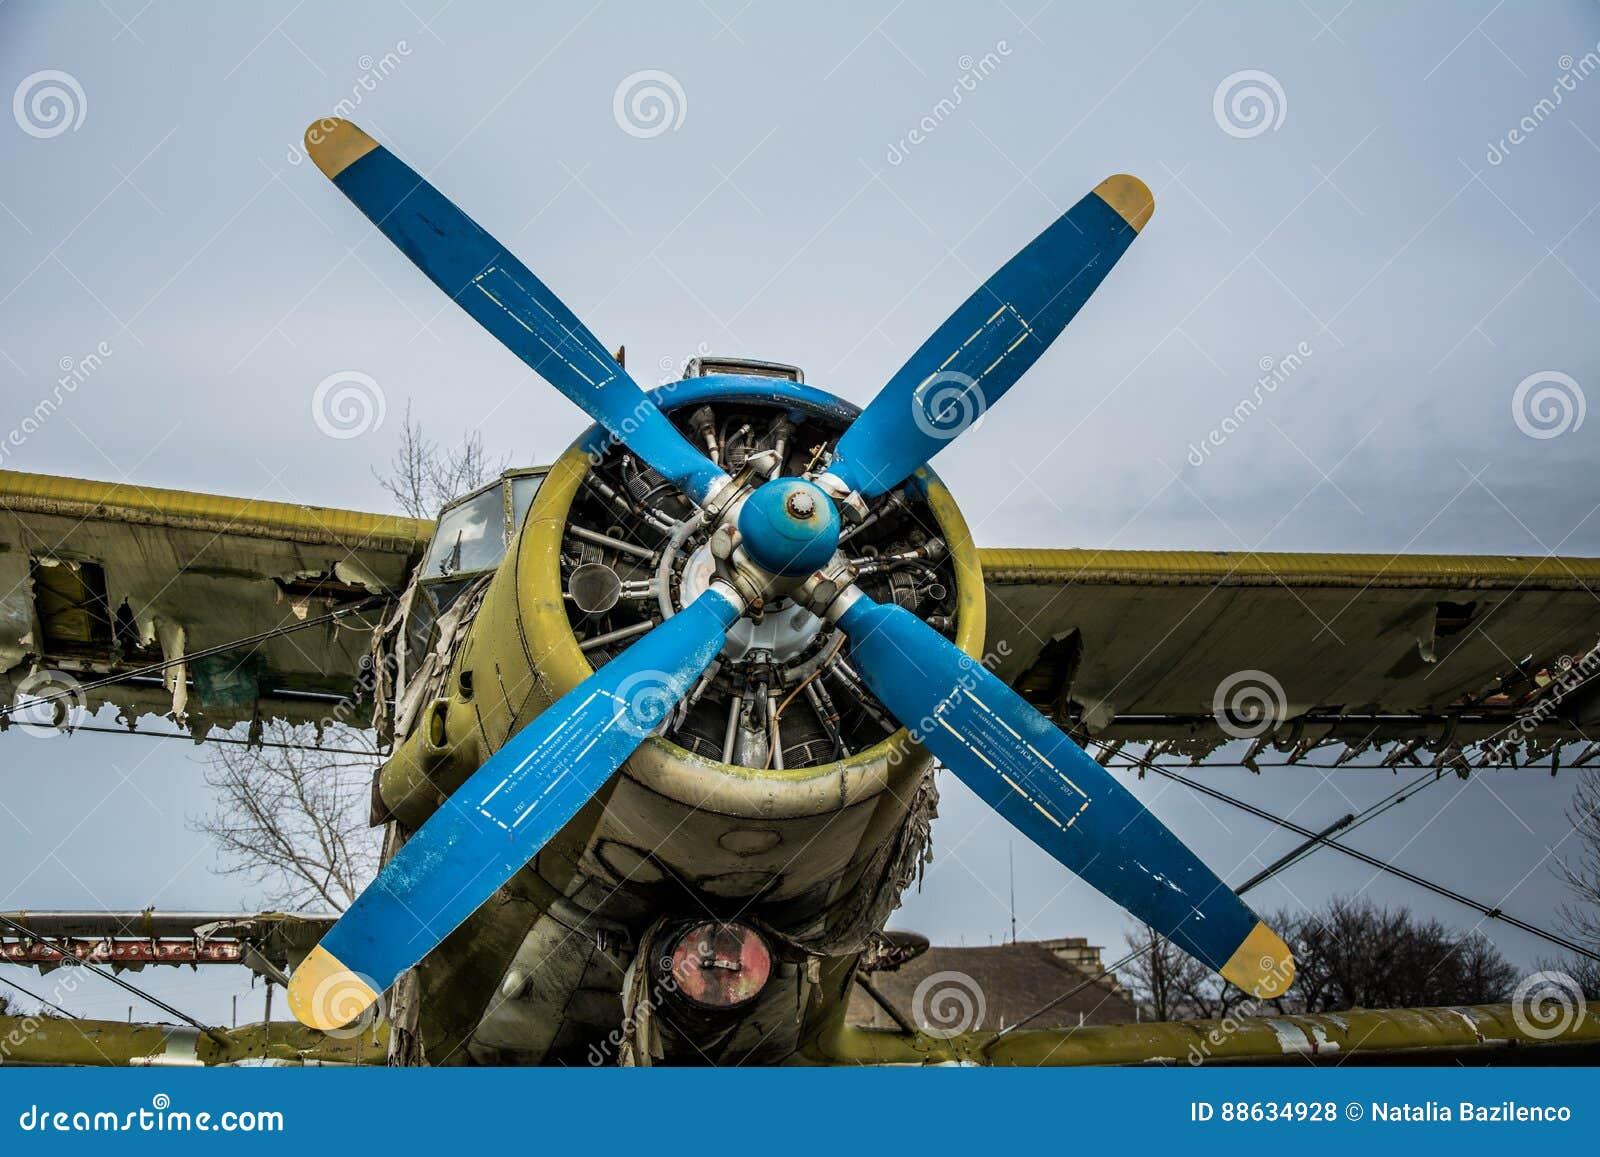 Hélice de avião